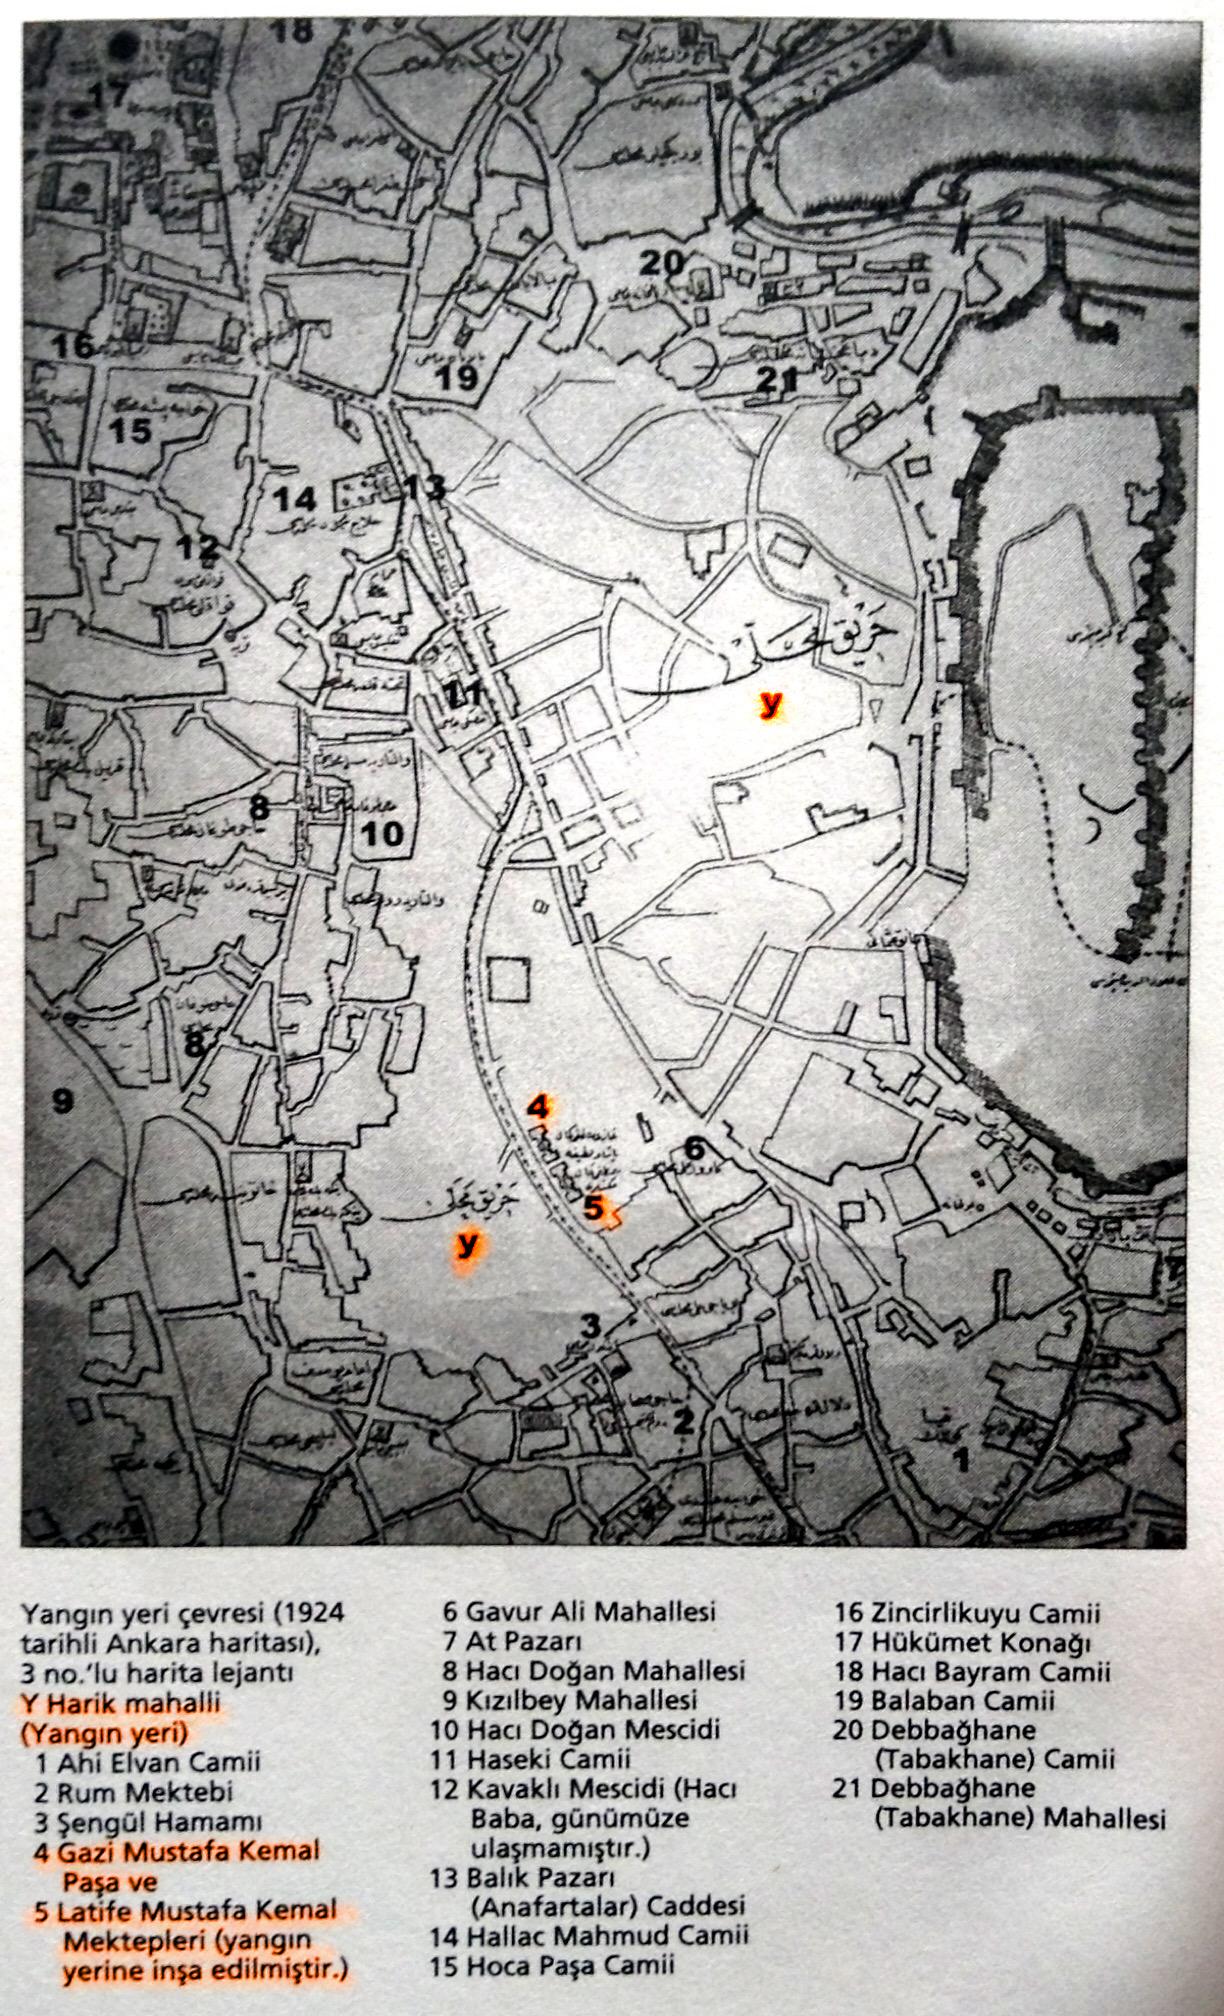 1924 Ankara Haritası ve lejantı.Kaynak:Taylan Esin ve Zeliha Etöz, 2015. 1916 Büyük Ankara Yangını: Felaketin Mantığı. İstanbul:İletişim Yayınları.